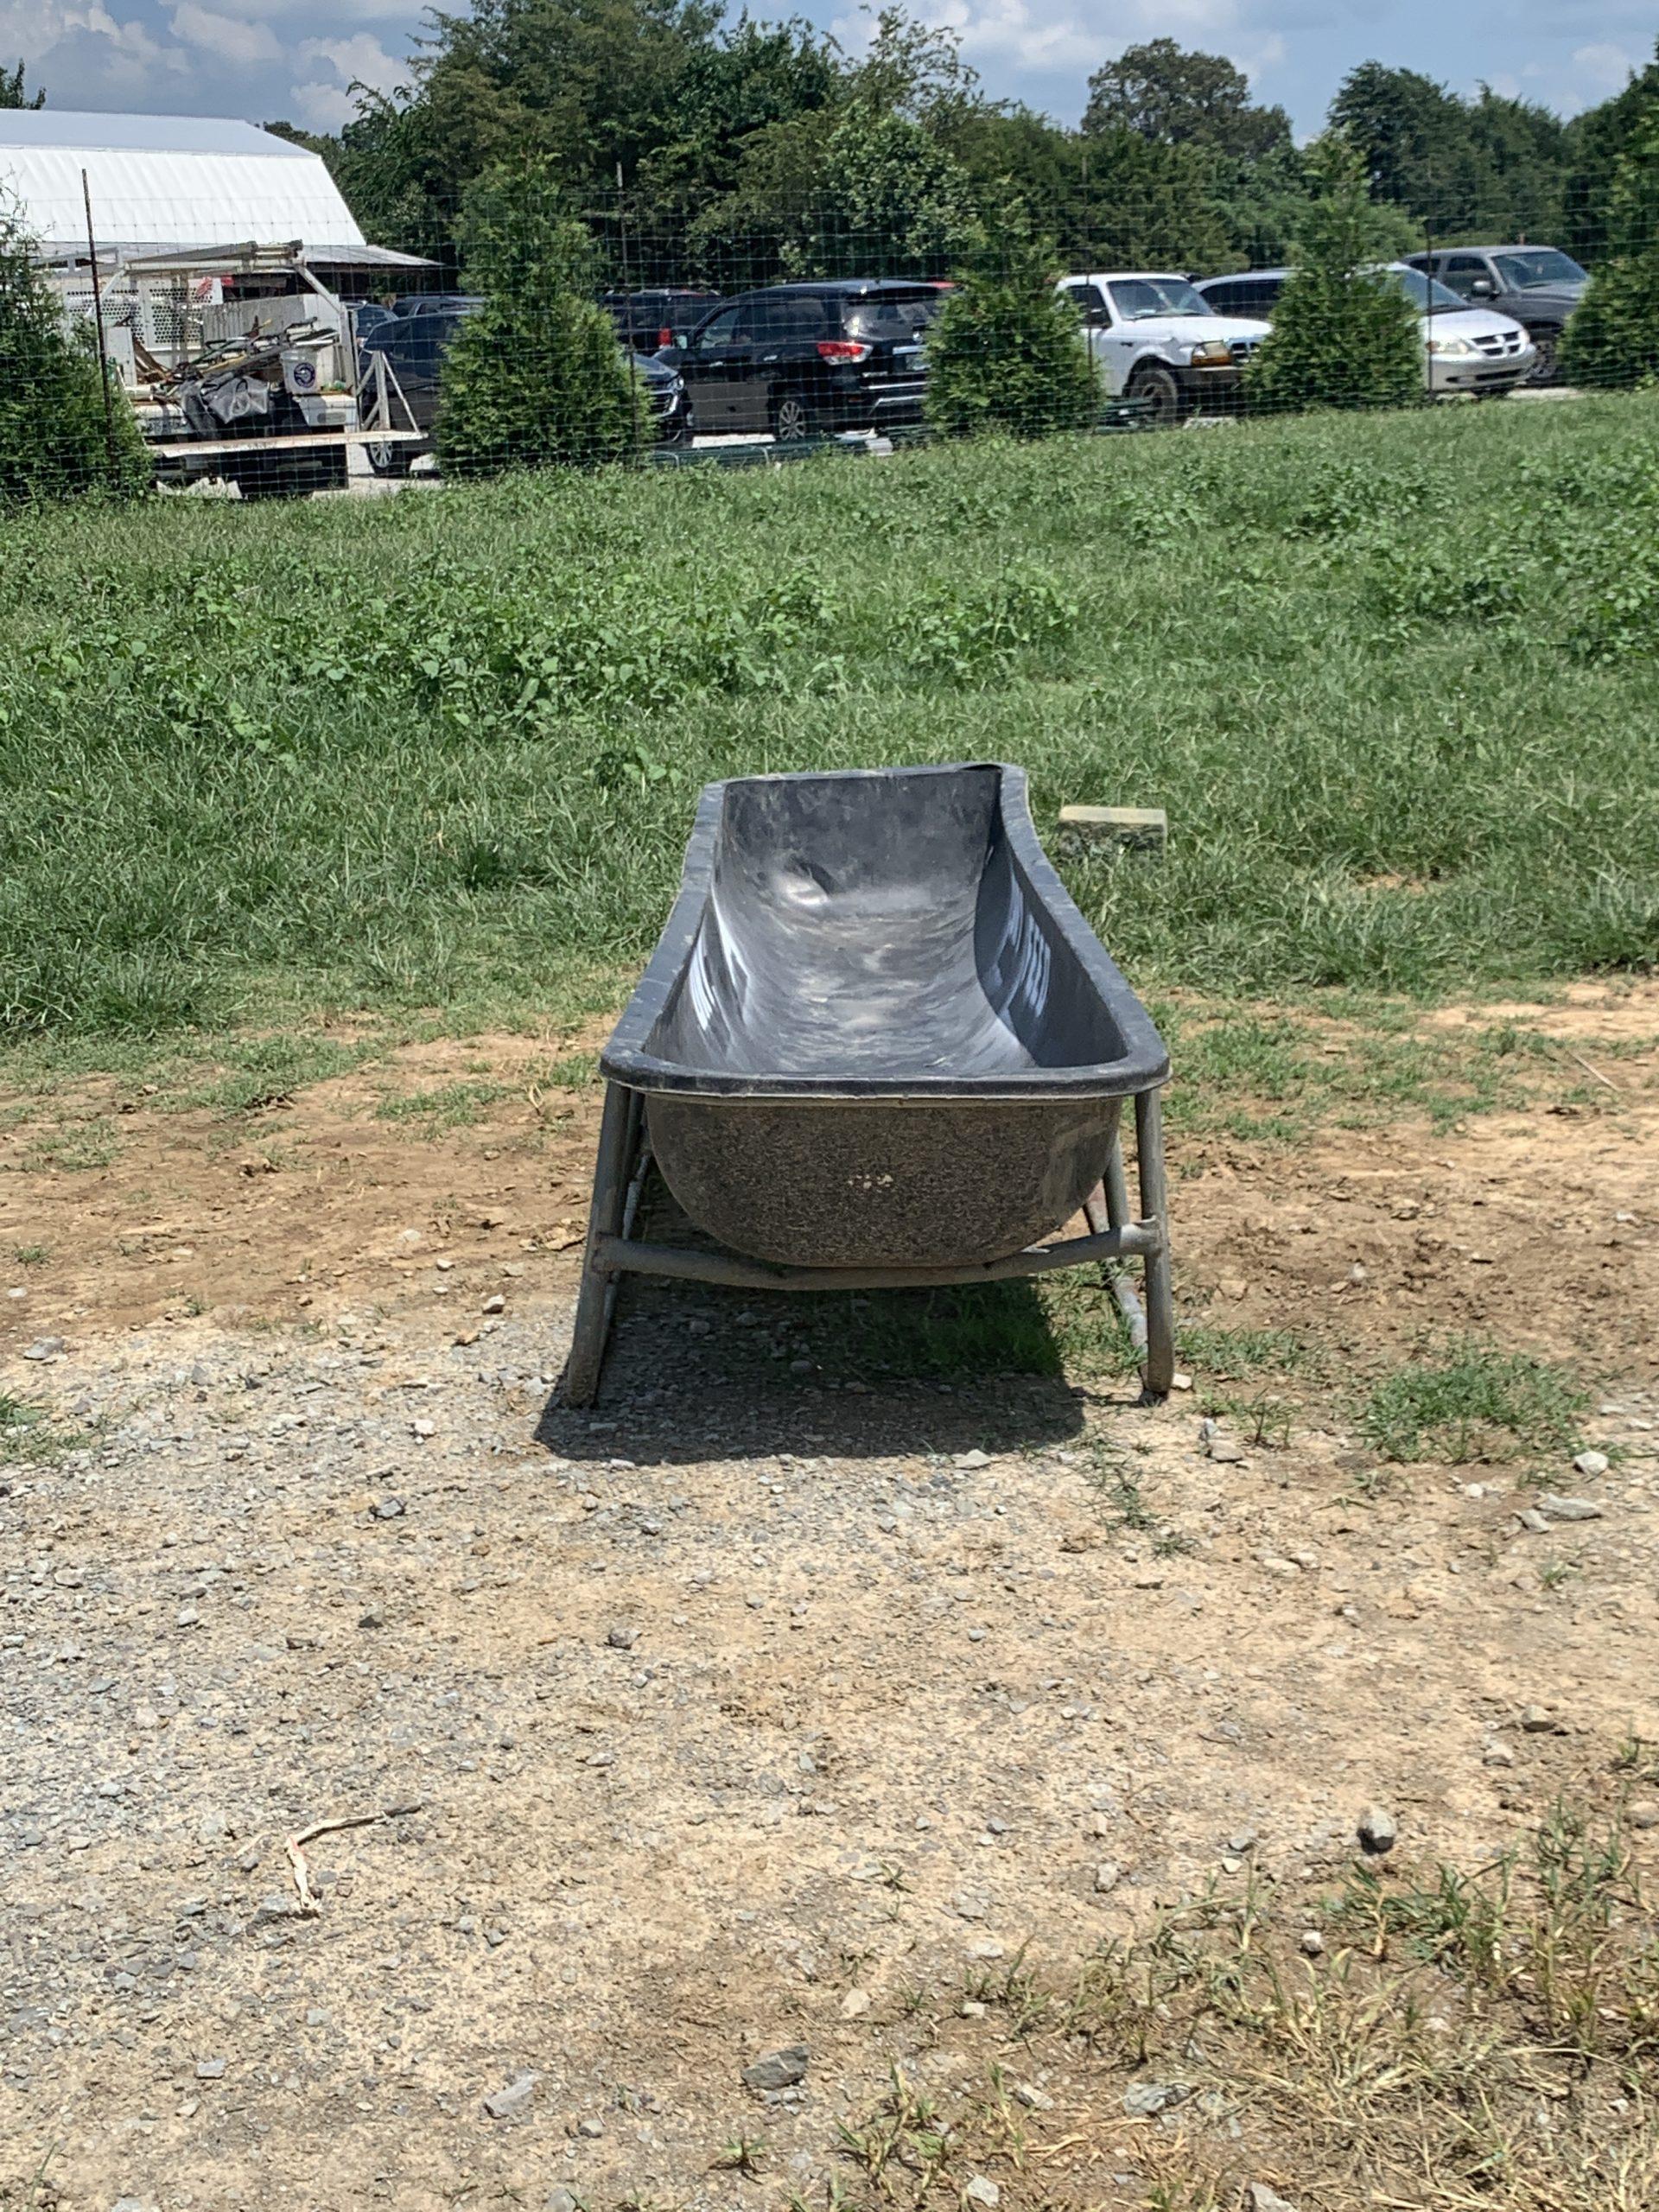 A feed trough at the park. (Photo: Matt Blastin)